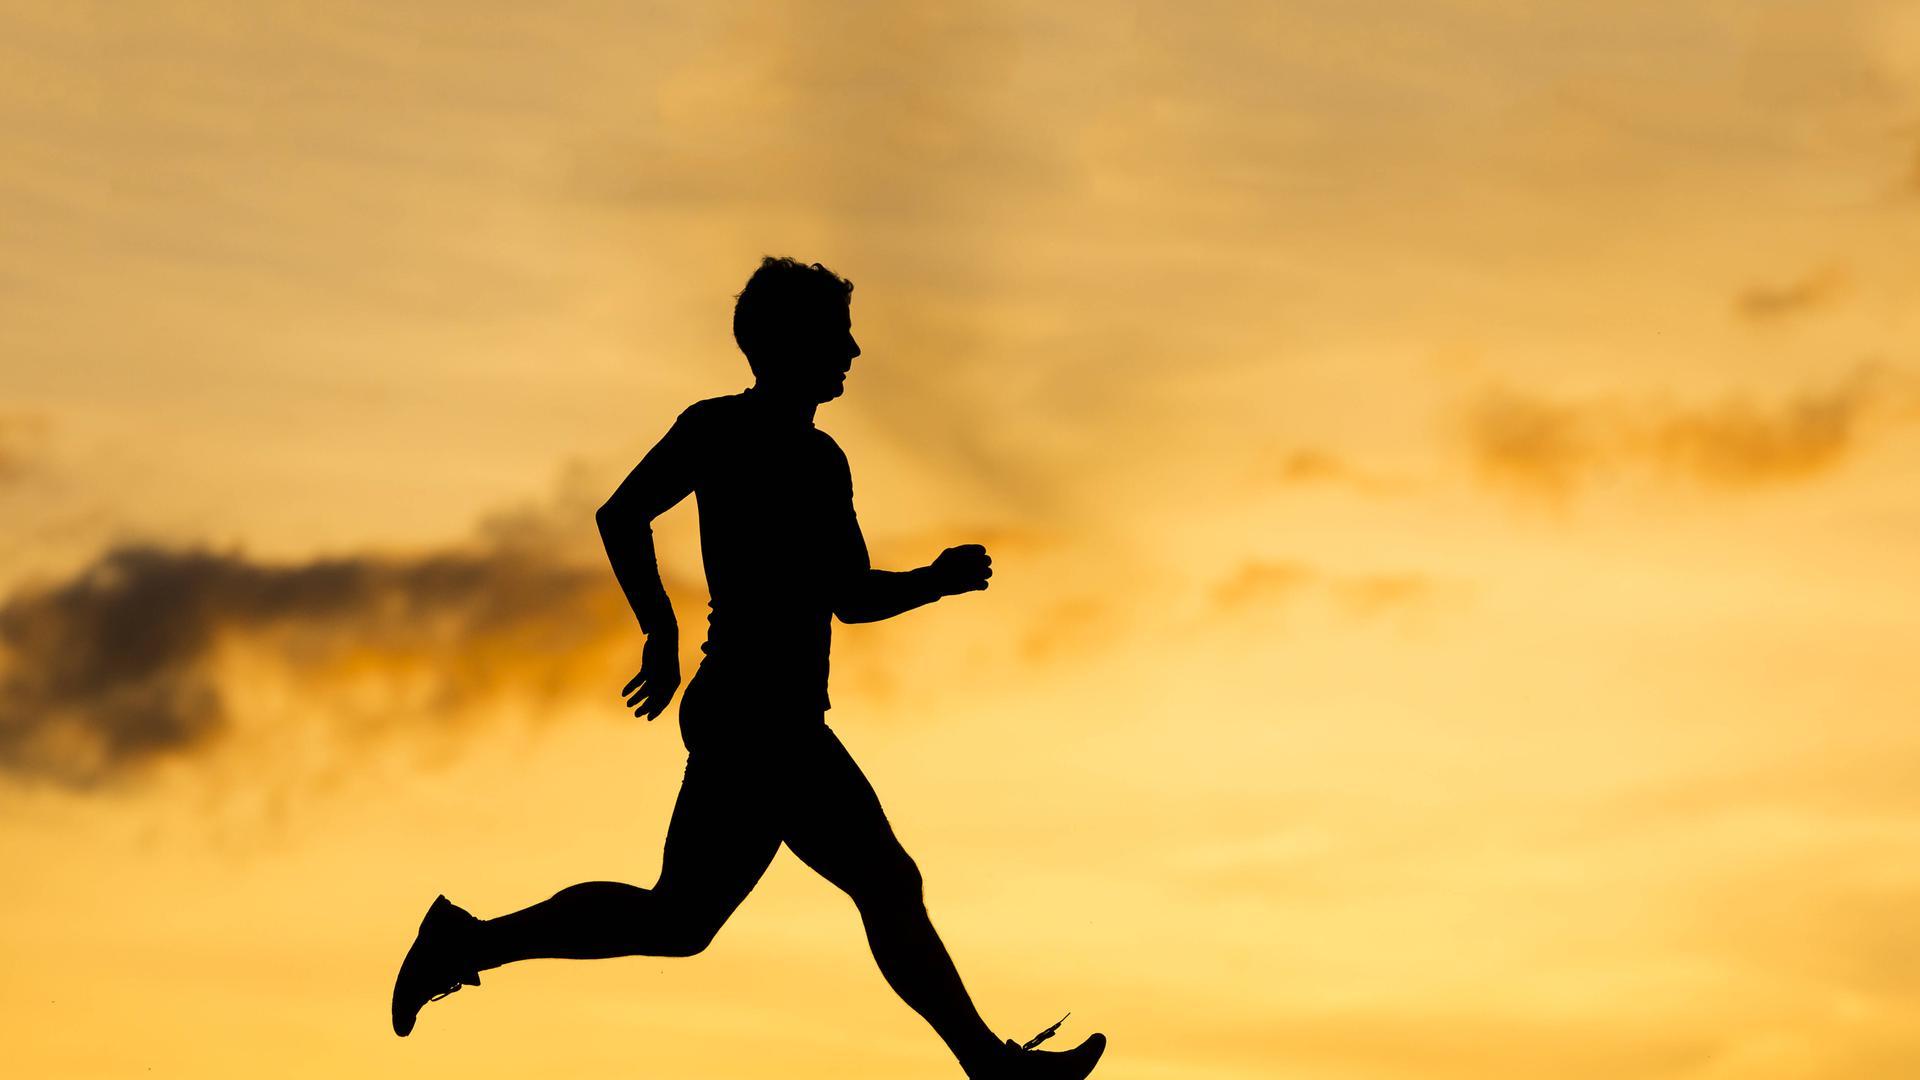 Ein Schatten ihrer selbst: Zahlreiche Läufer leiden aktuell unter der Corona-bedingten Wettkampf-Pause. Allein in Baden sind mehr als 100 Veranstaltungen ausgefallen. Vielen Athleten fehlt dadurch die Tempohärte.